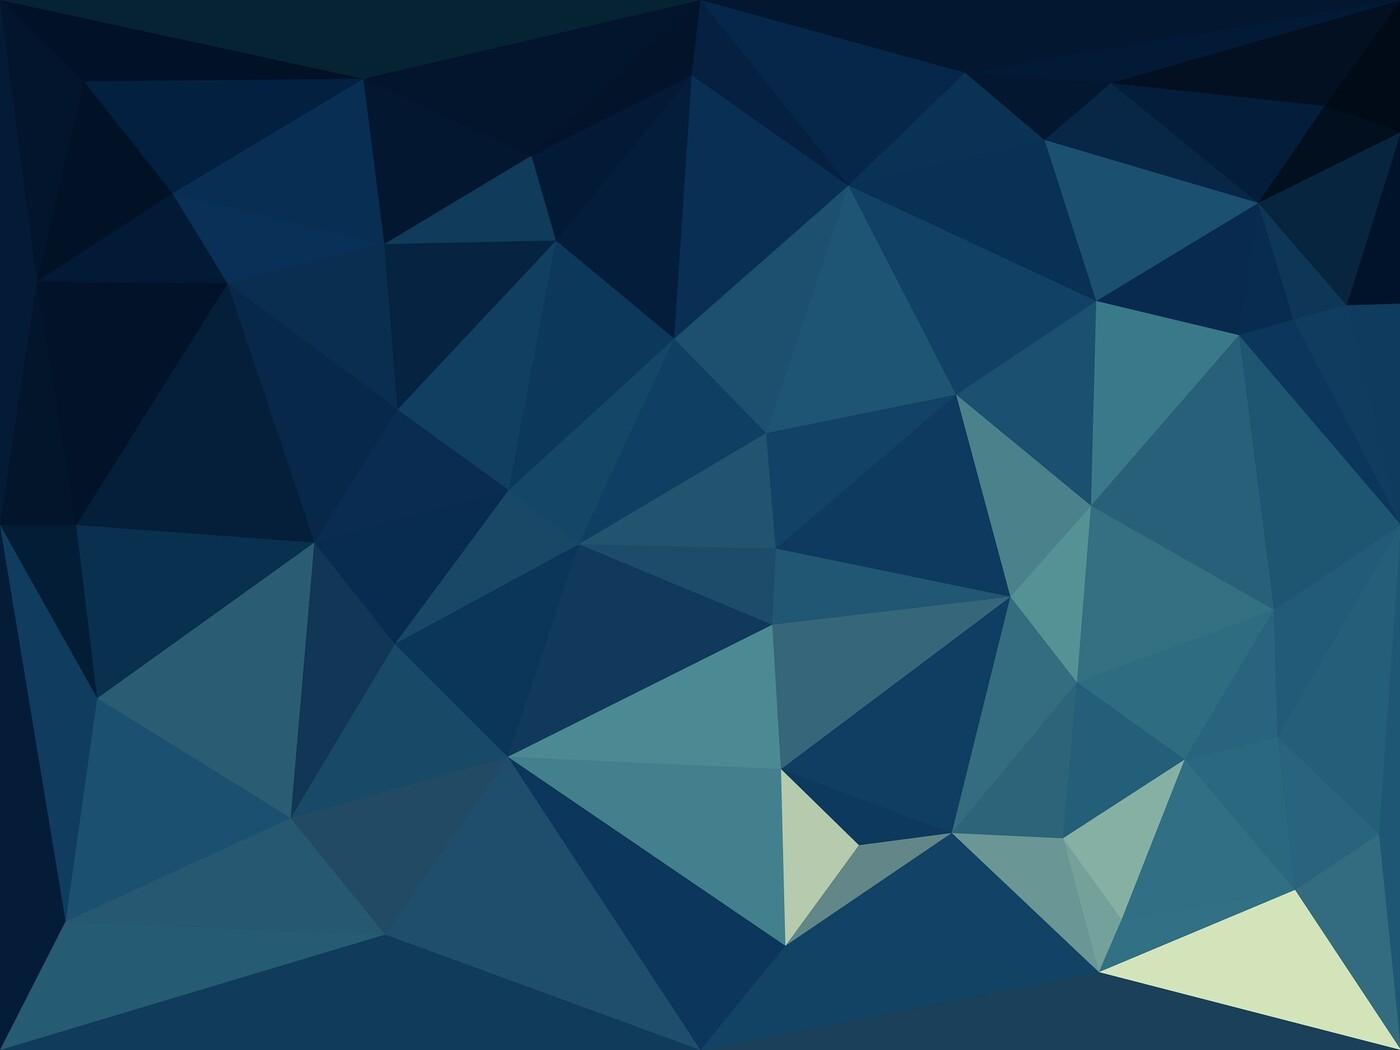 minimalism-triangle-art-hd.jpg